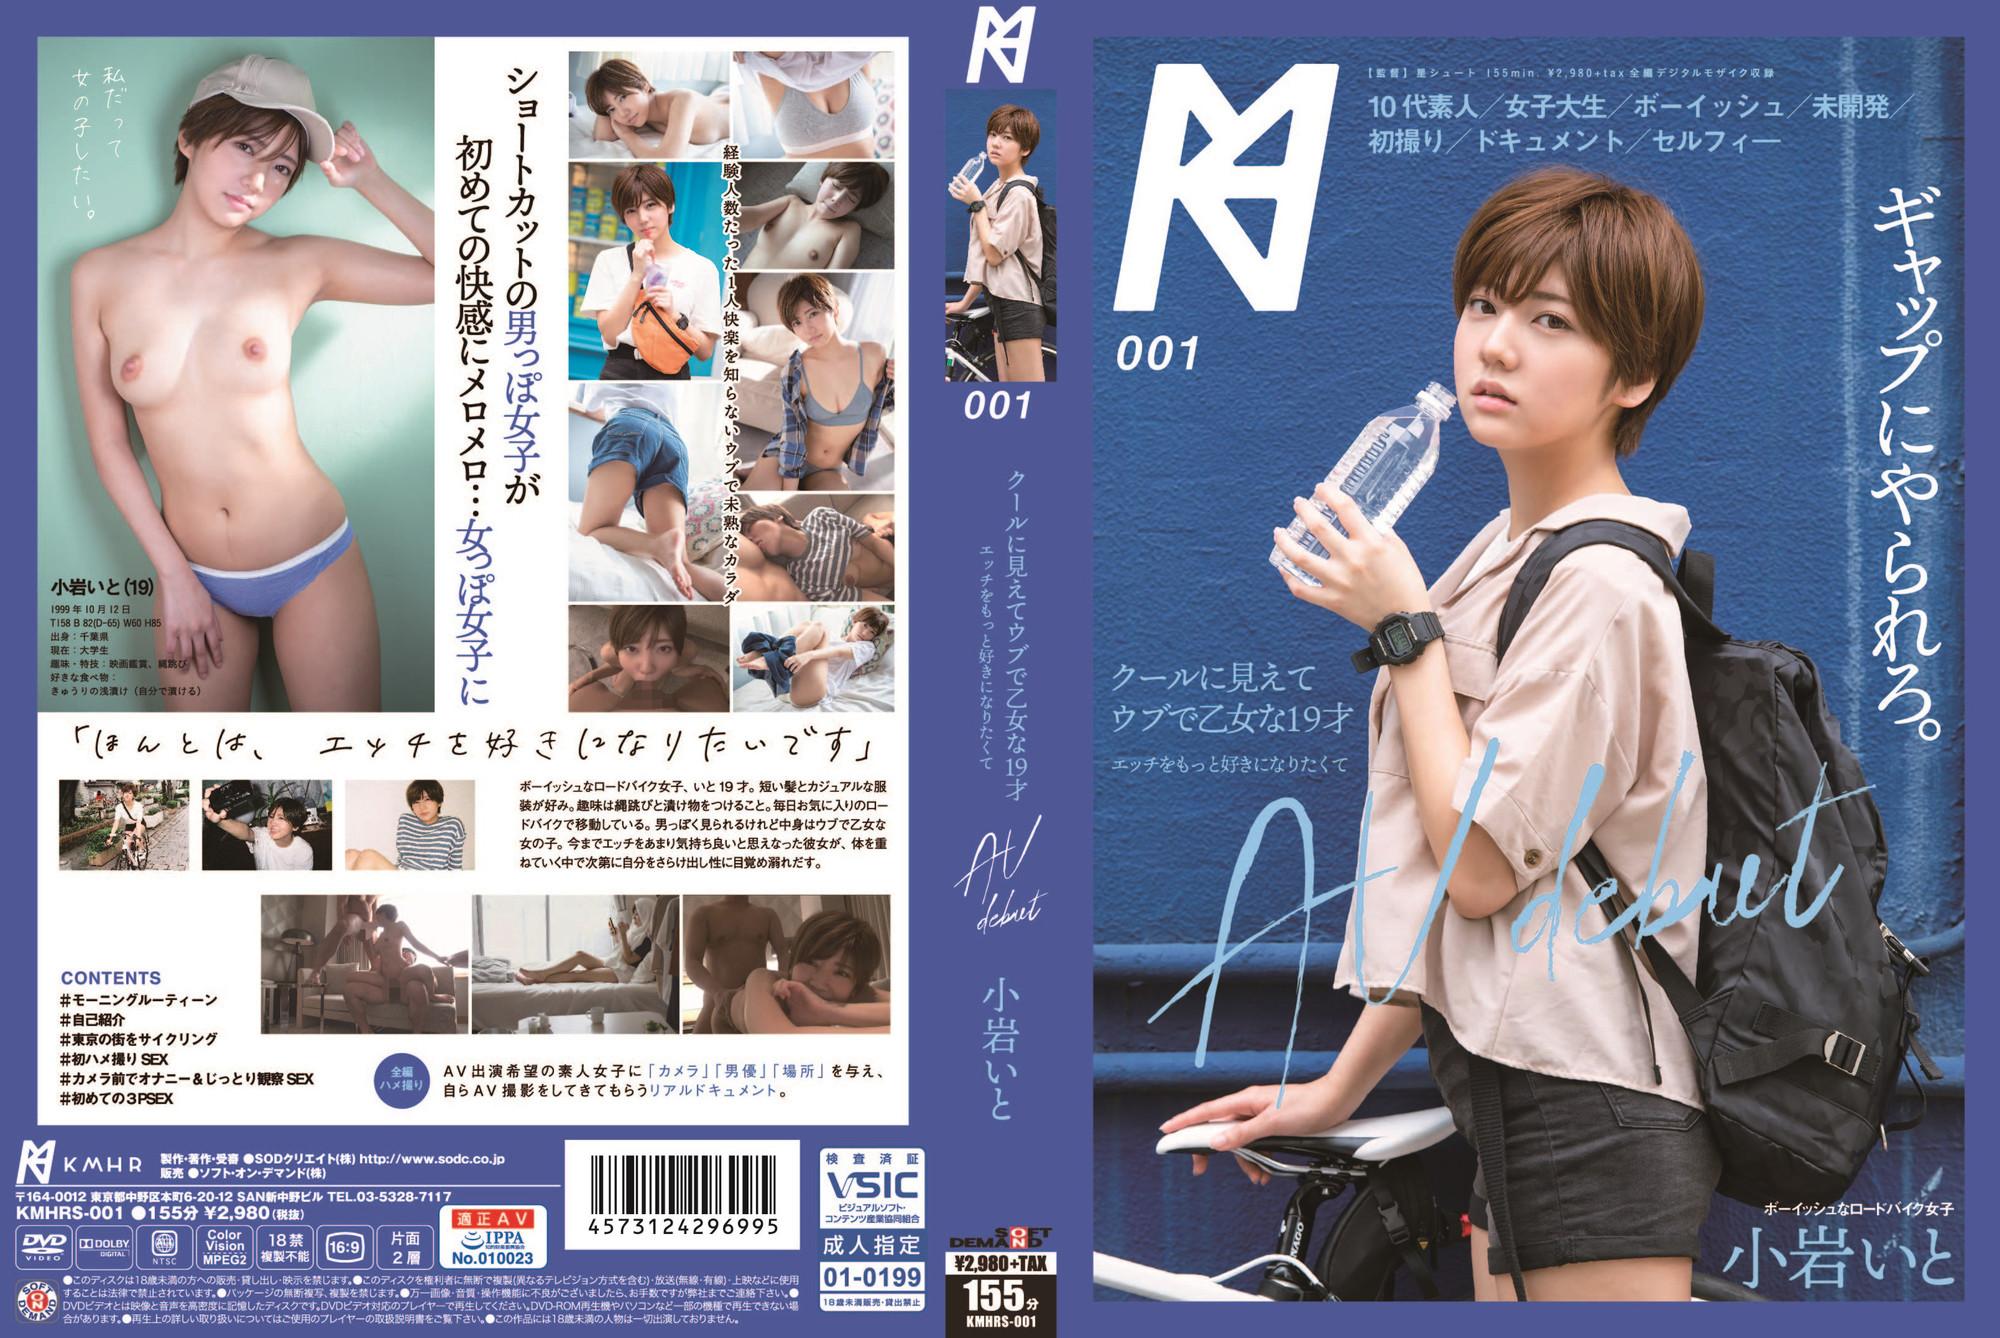 【期間限定】SOD女子社員 浅井心晴が選ぶ キミホレ作品ベスト!ソクミルだけのお得な『セレクトパック』 画像1